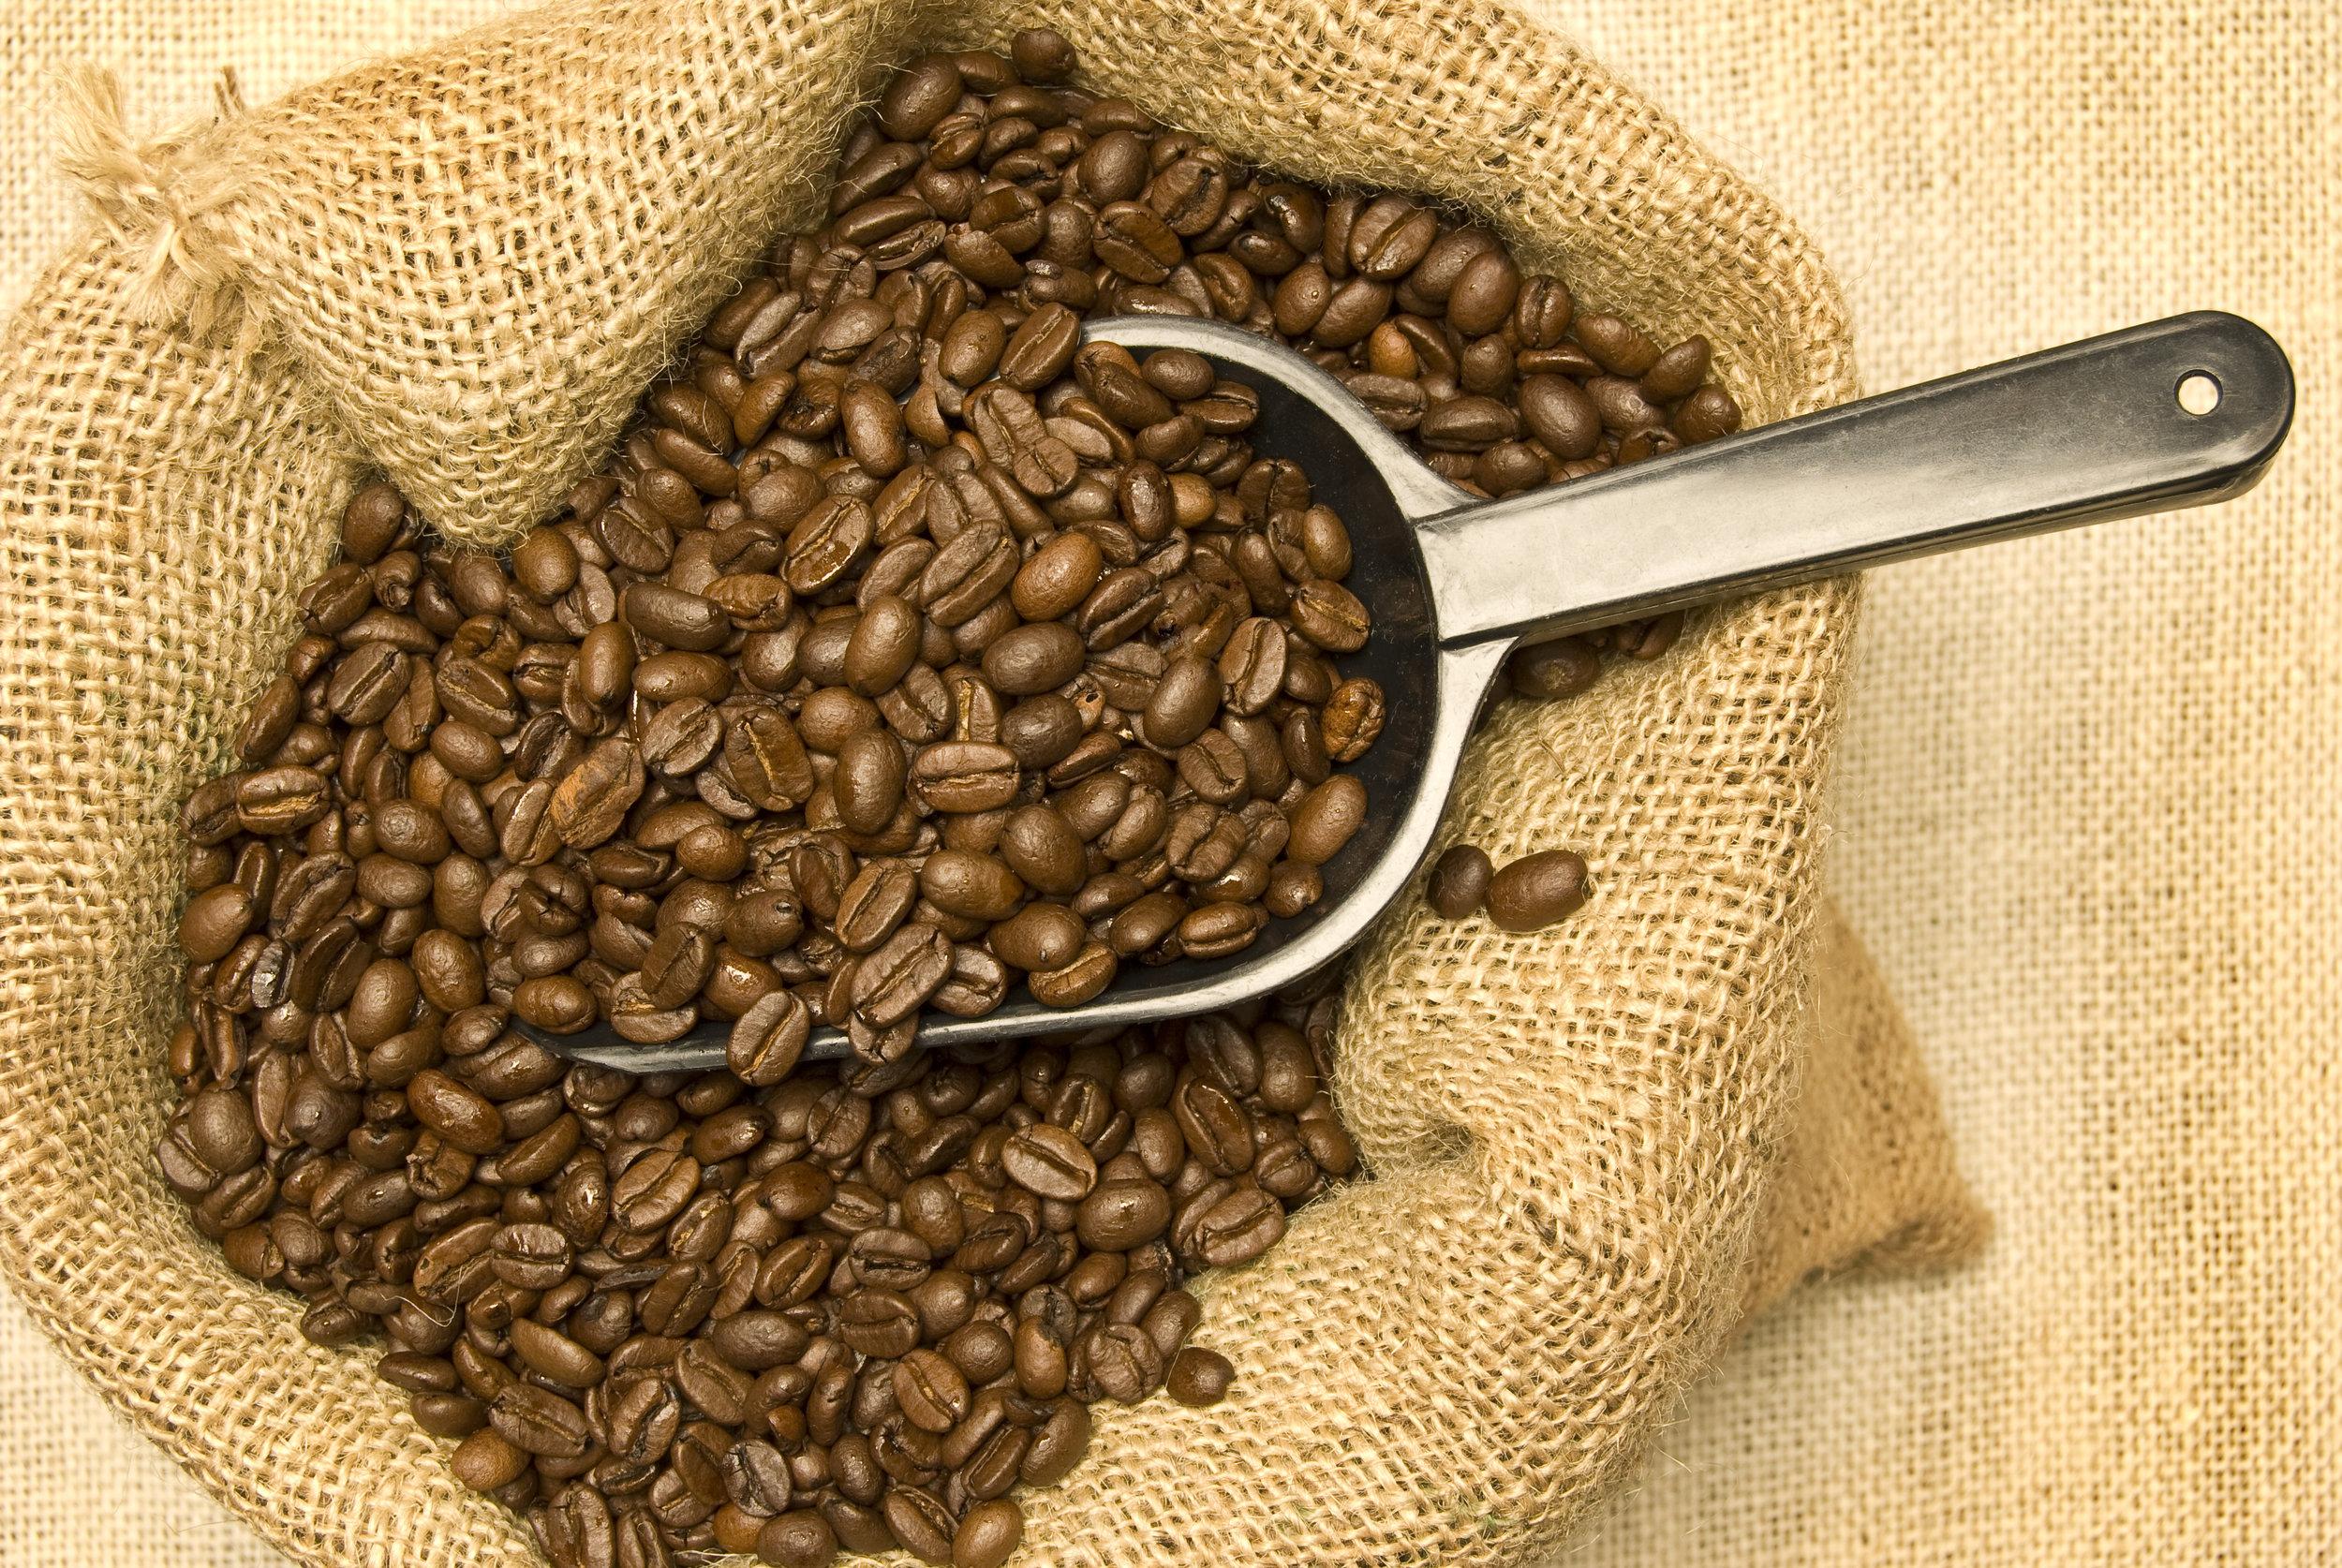 scoop-full-of-coffee-beans_SFSUkR64j.jpg